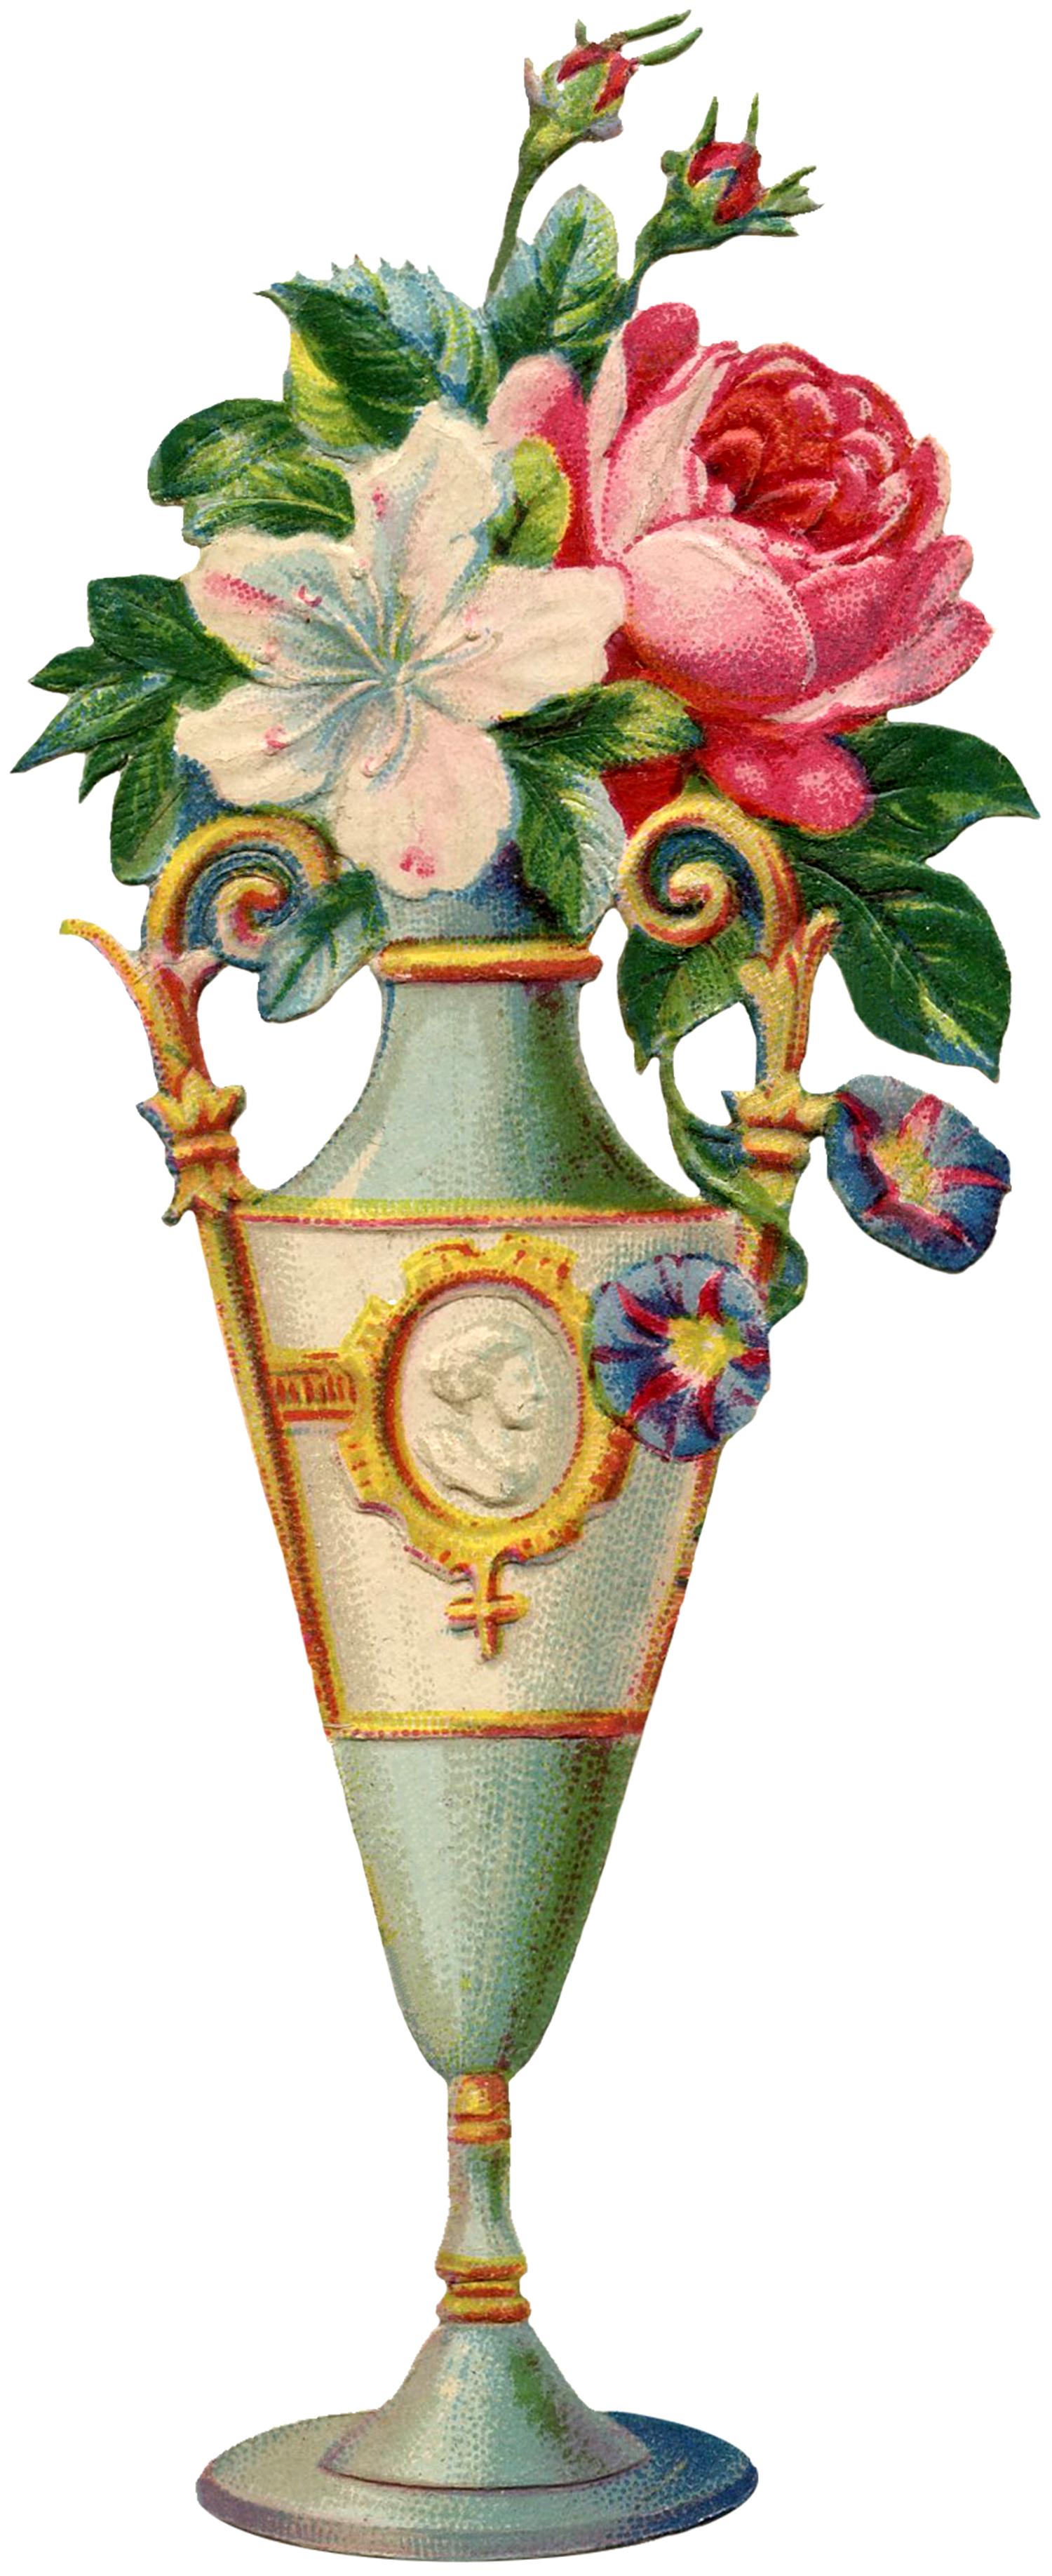 Floral Vase Image